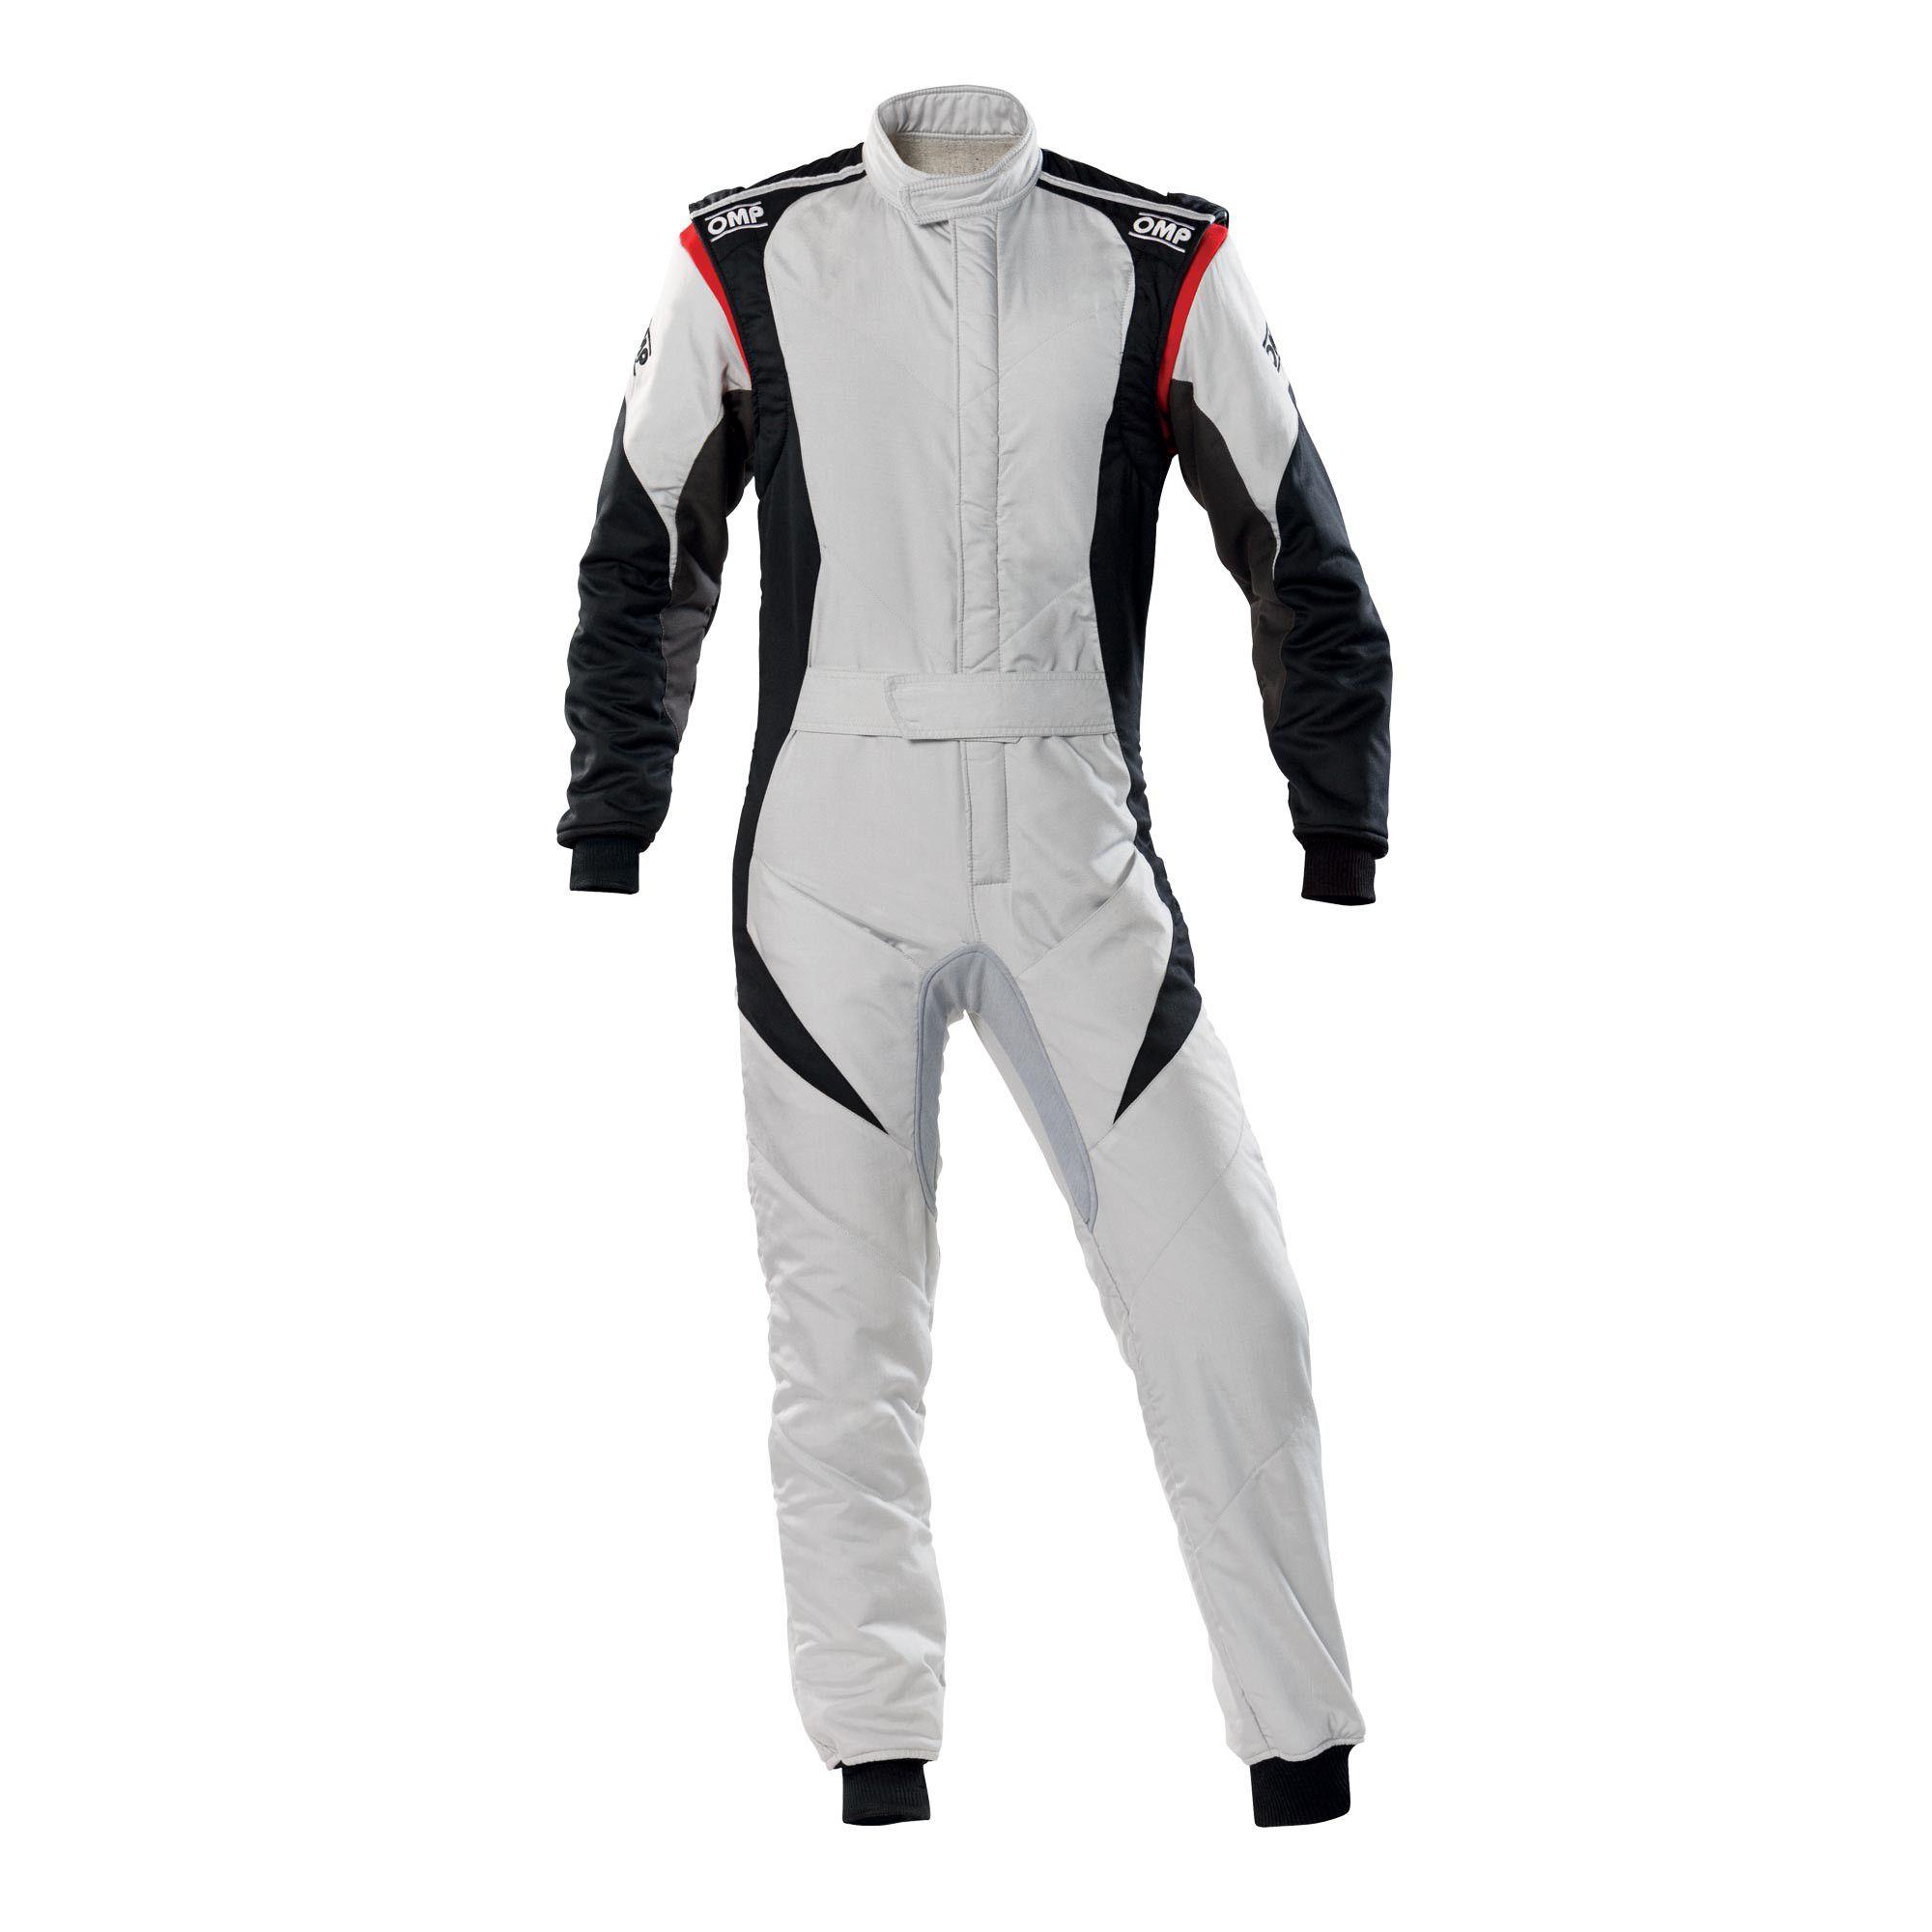 Novo Macacão Racing First-Evo OMP 2020